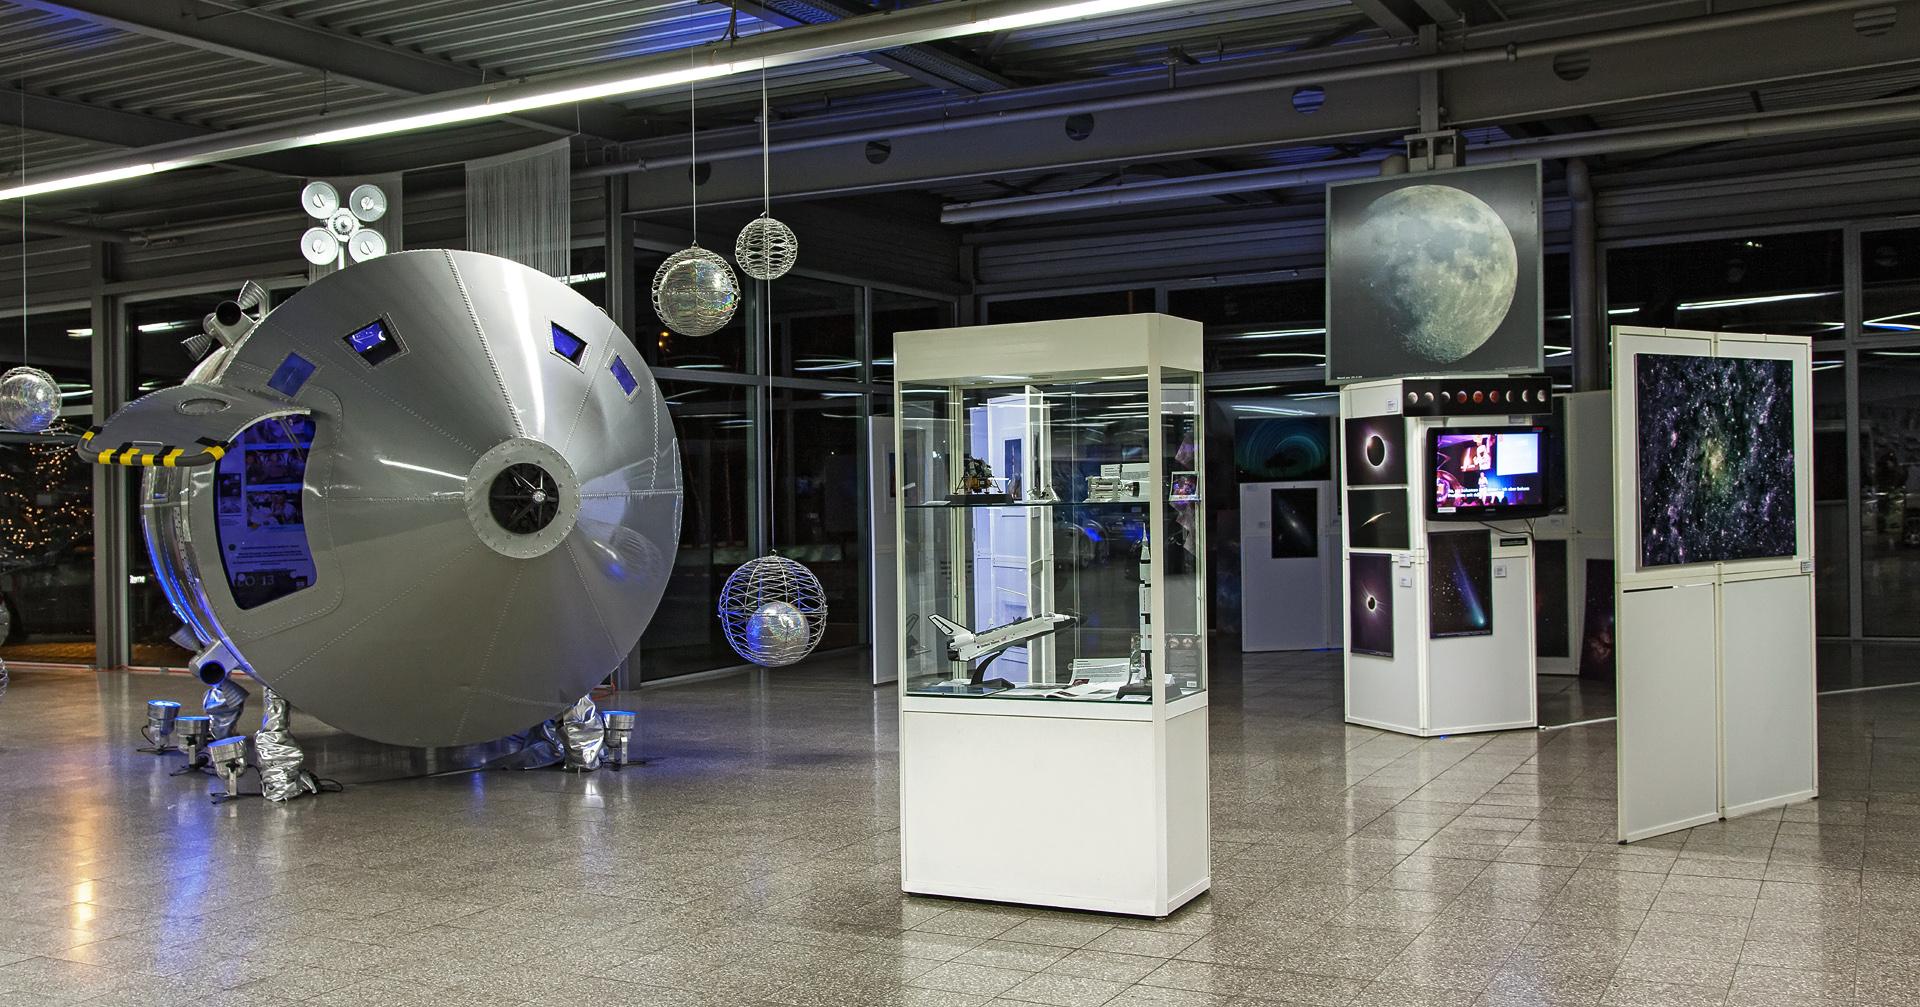 apollo-13-spaceexpo_23932422545_o